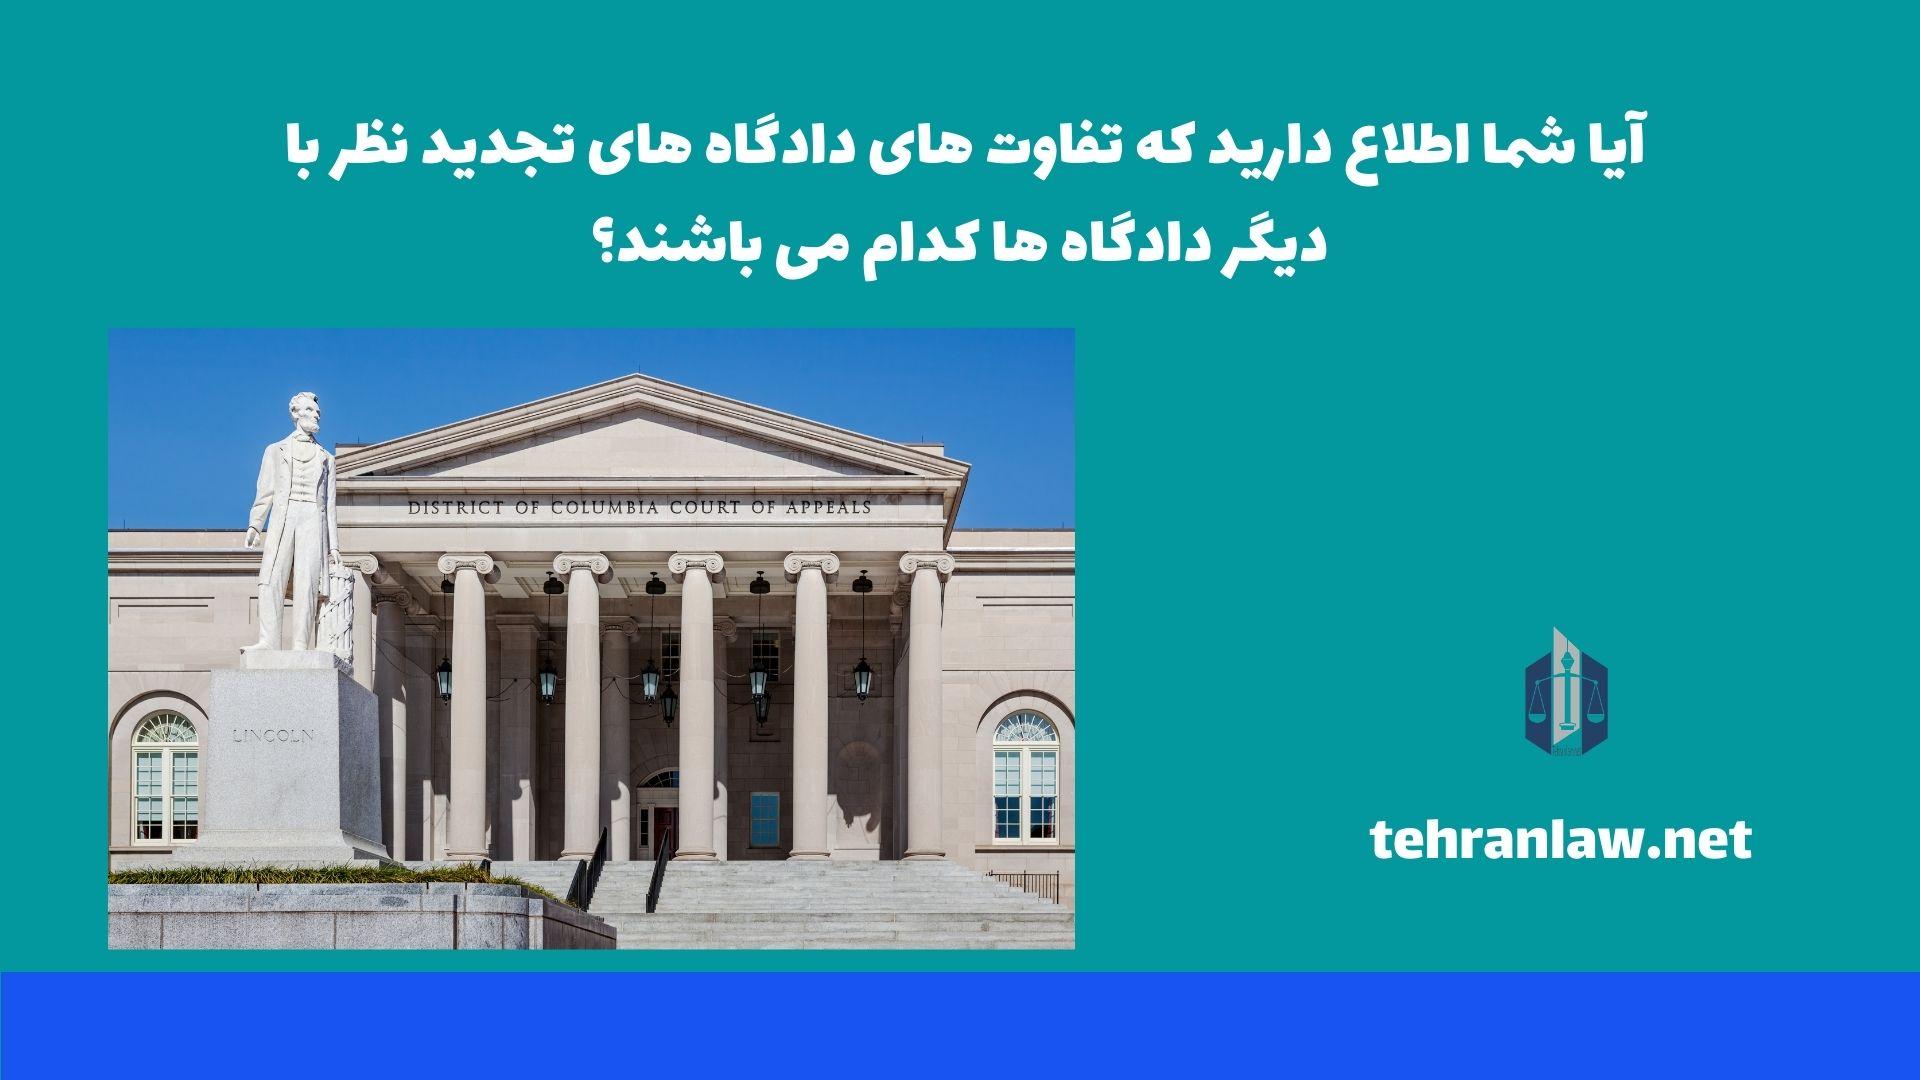 آیا شما اطلاع دارید که تفاوت های دادگاه های تجدید نظر با دیگر دادگاه ها کدام می باشند؟